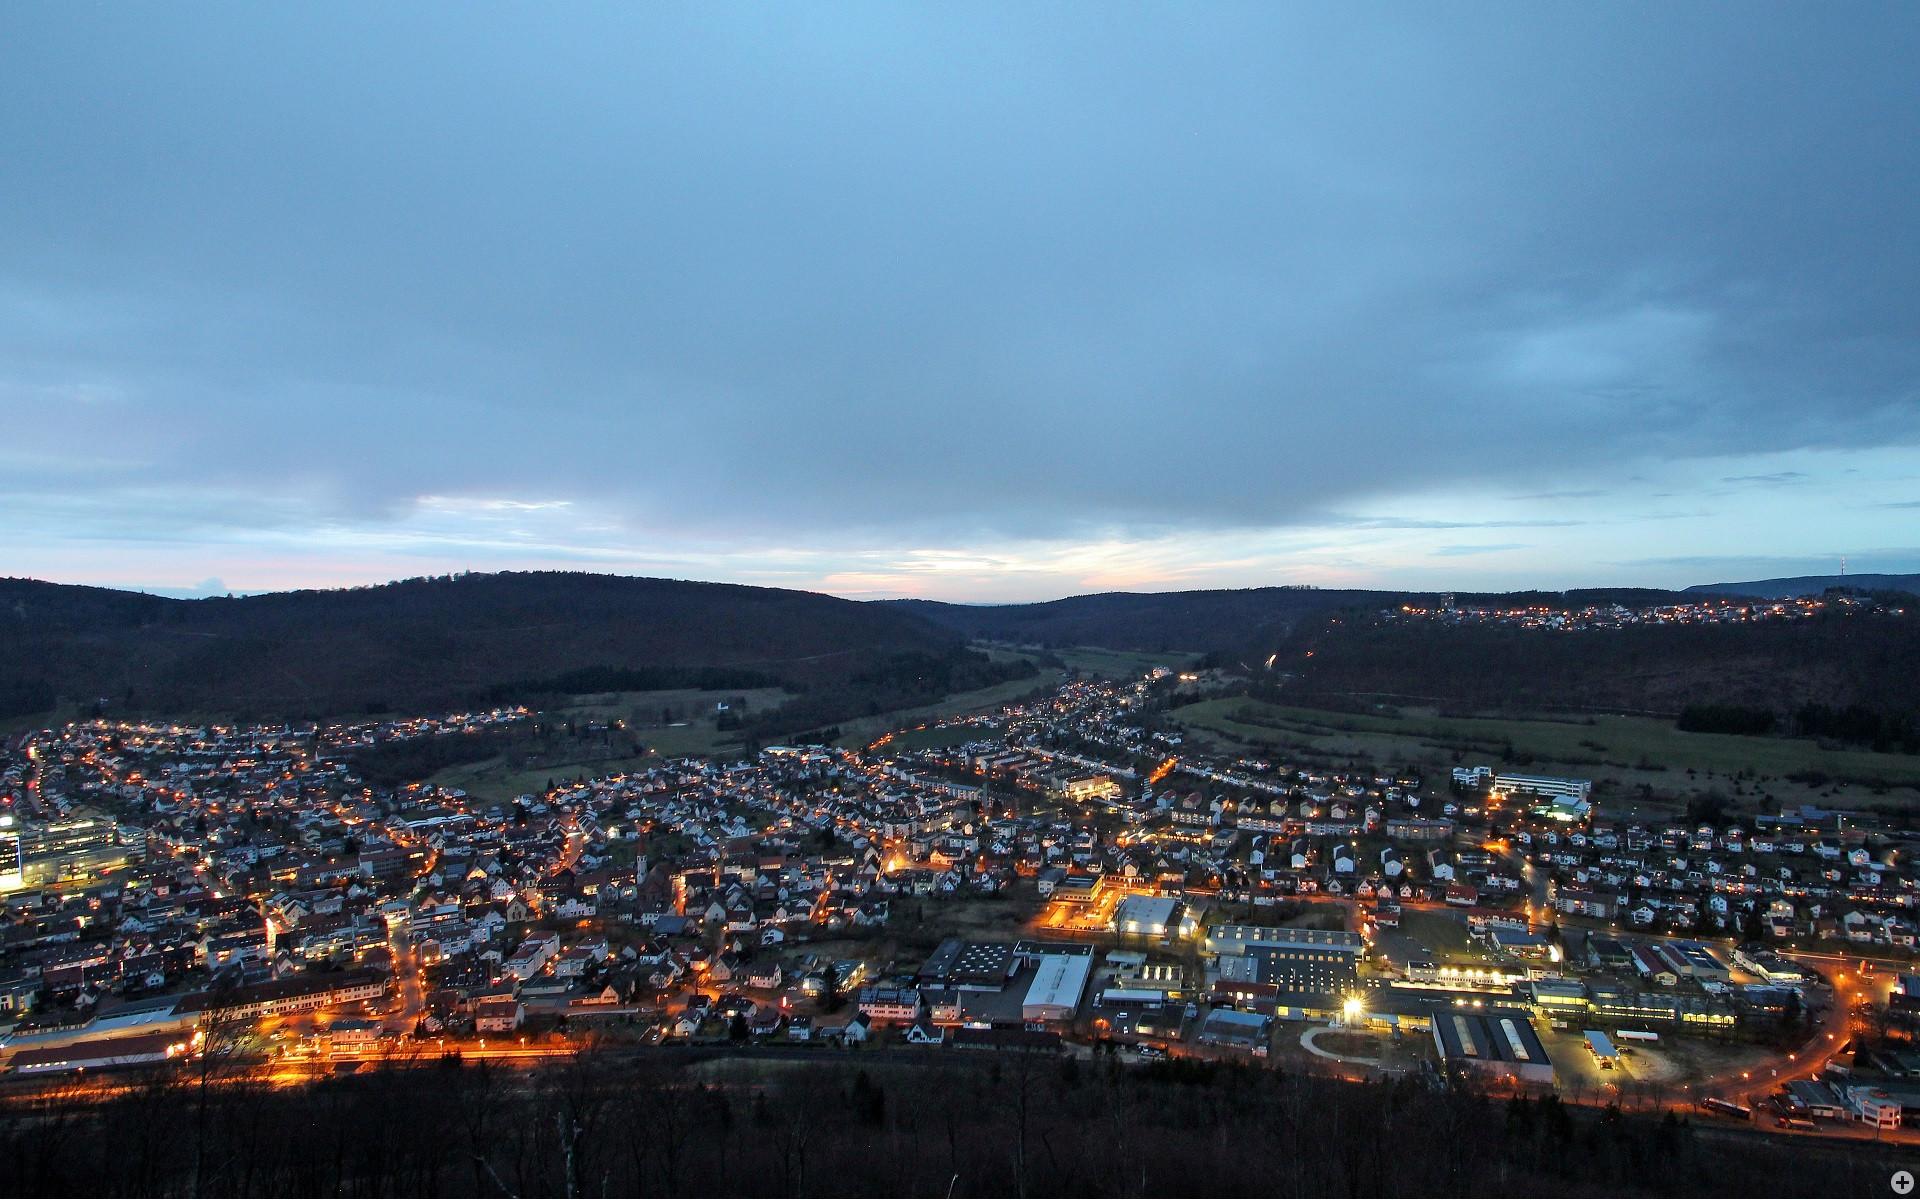 Blick vom Rodstein über die beleuchtete Stadt am Abend